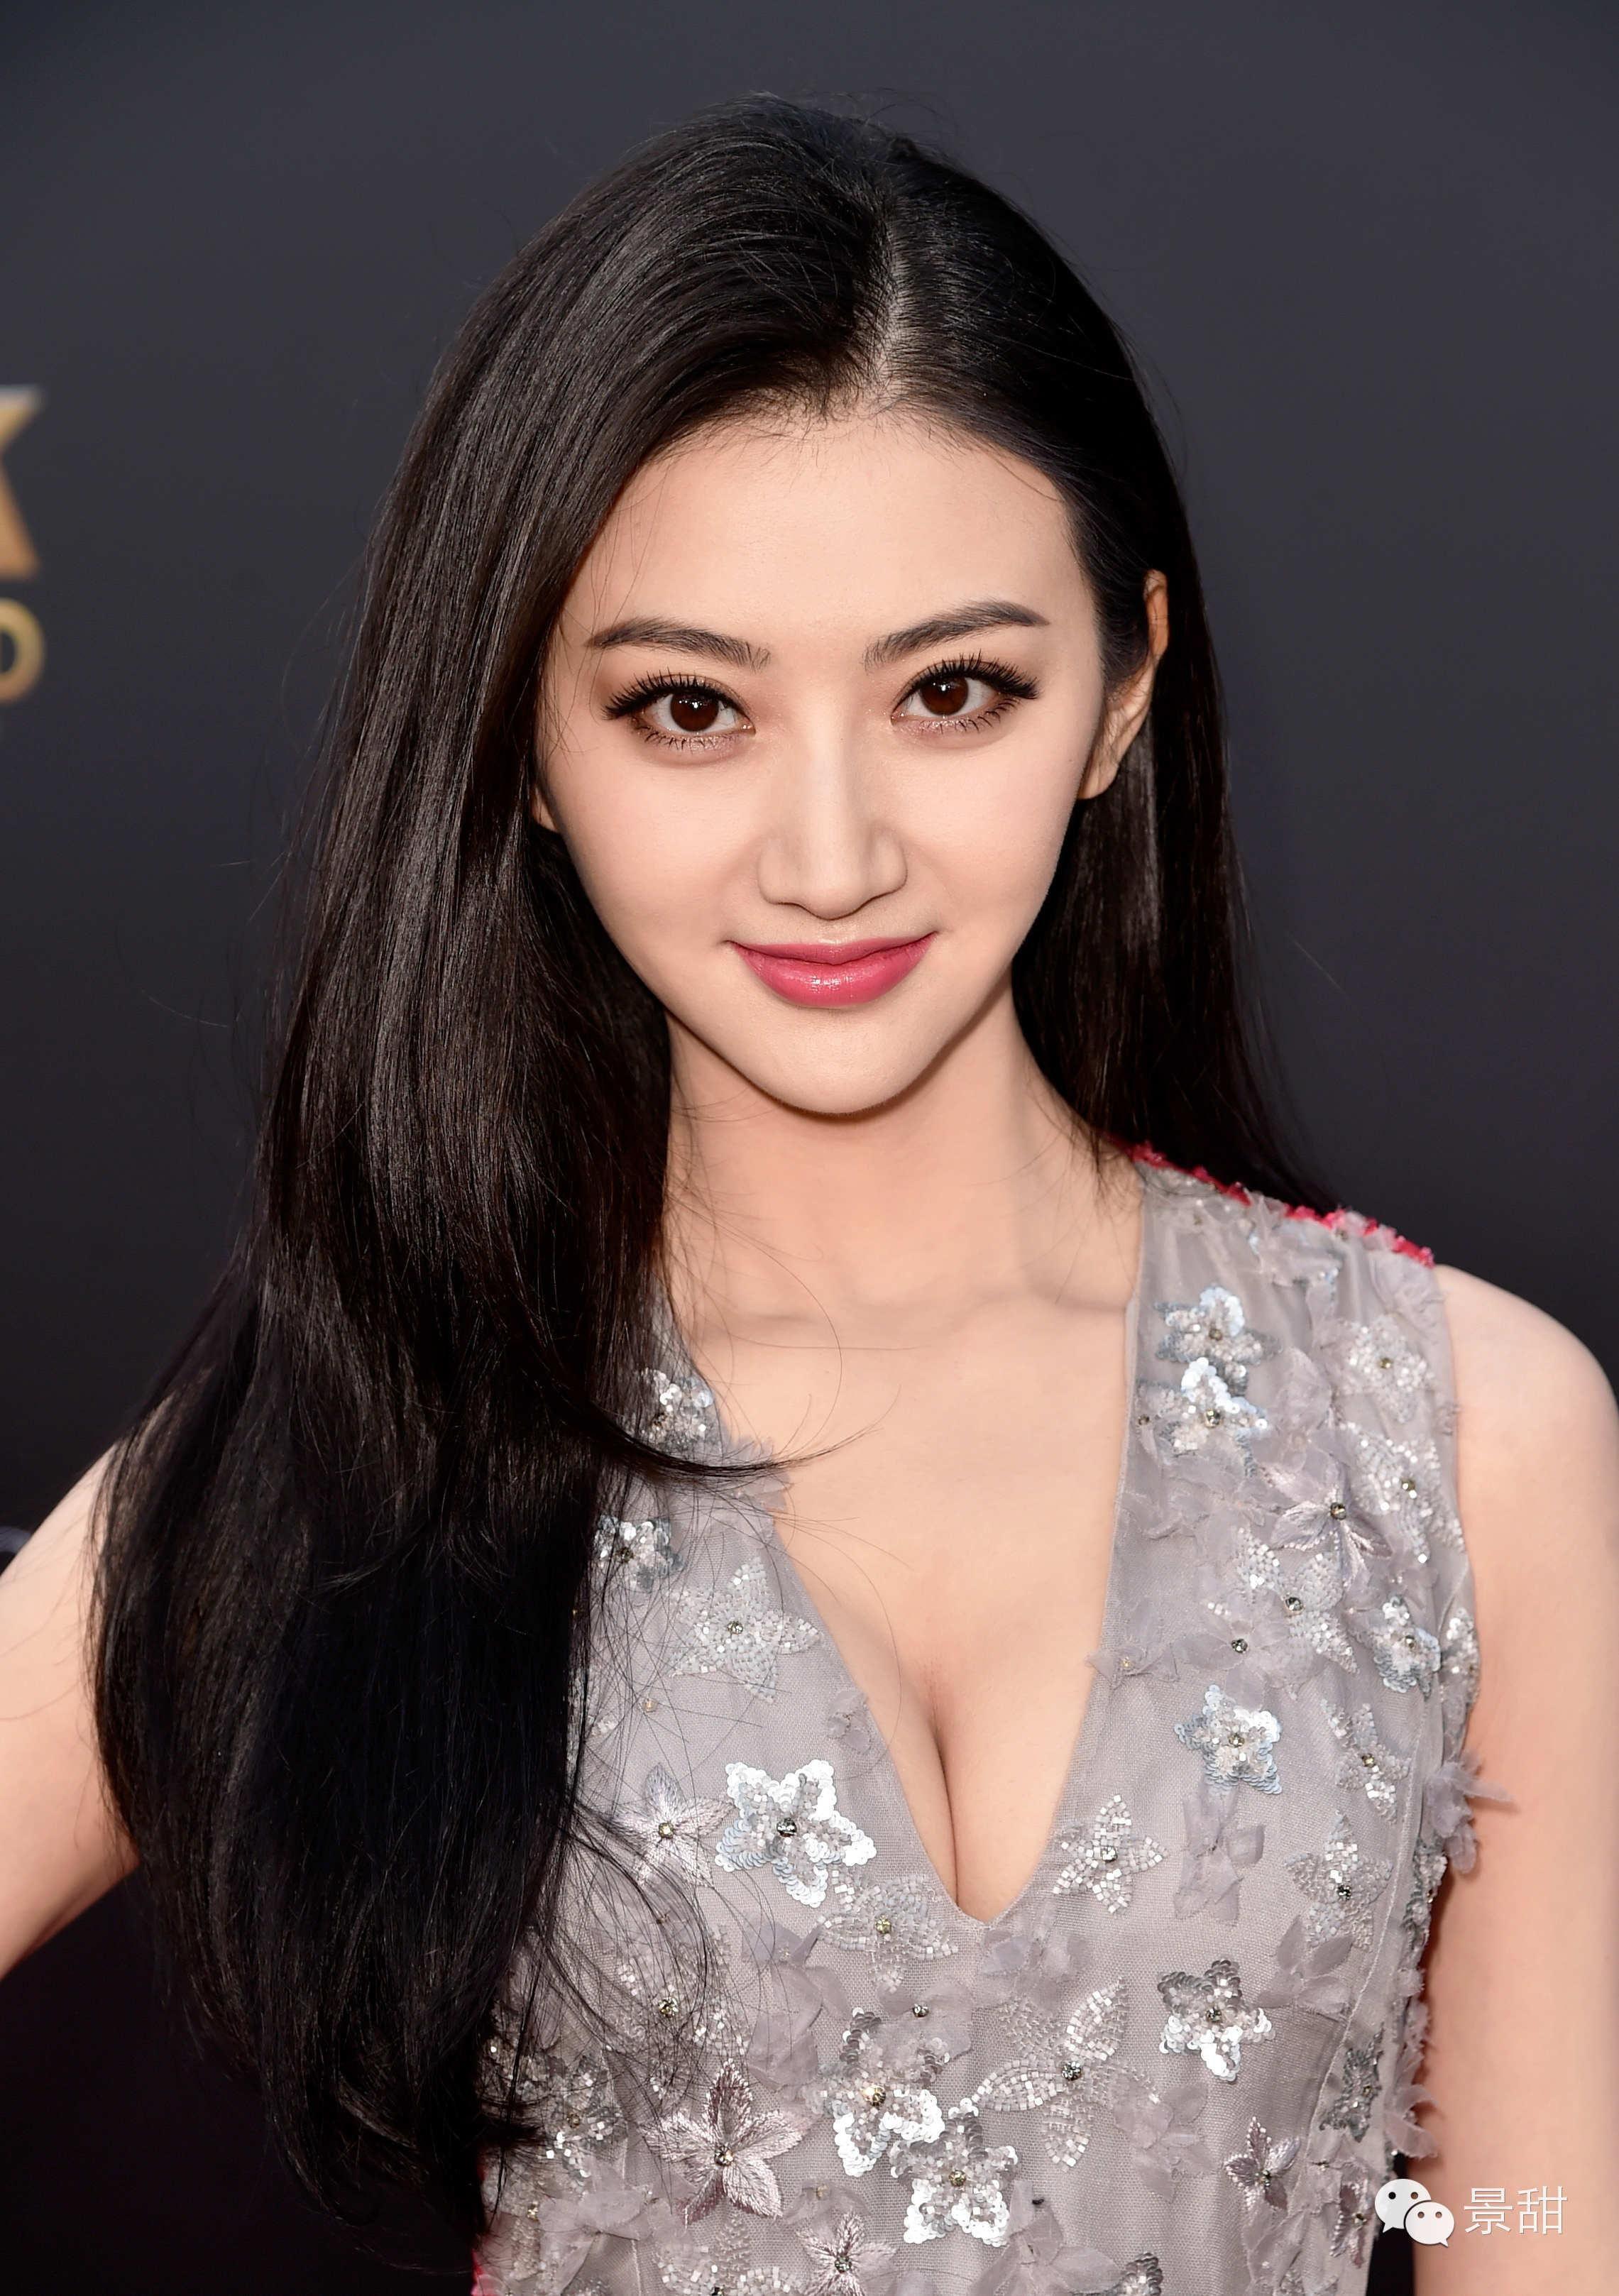 Ass Gott asian girl in converse fuck porn